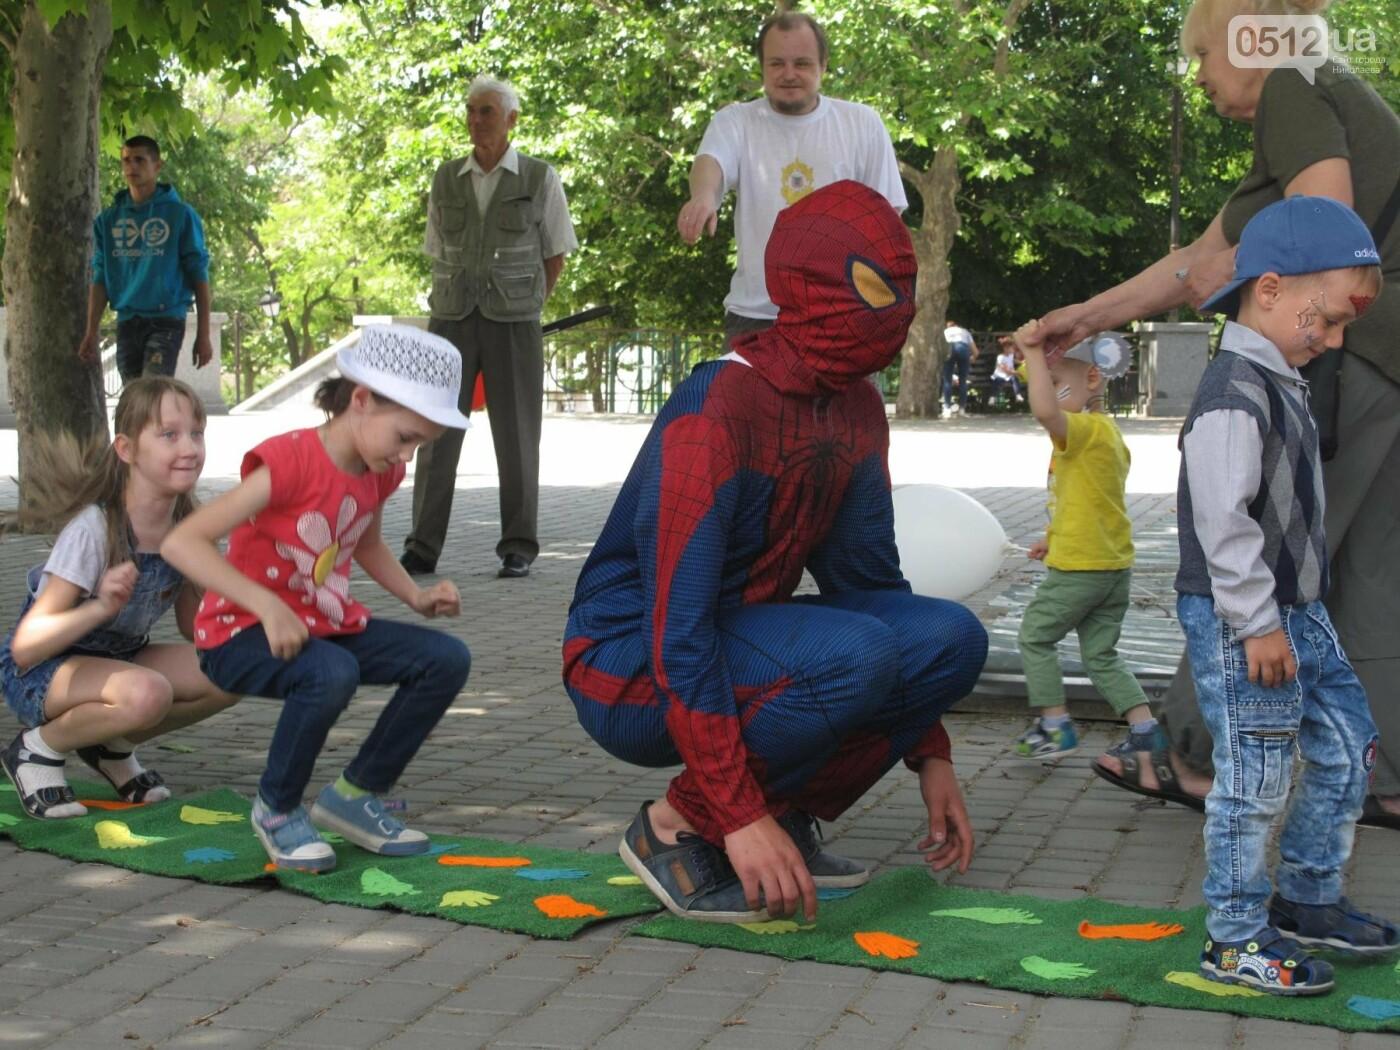 В Сердце города организовали развлекательную программу для детей с нарушением слуха., фото-9